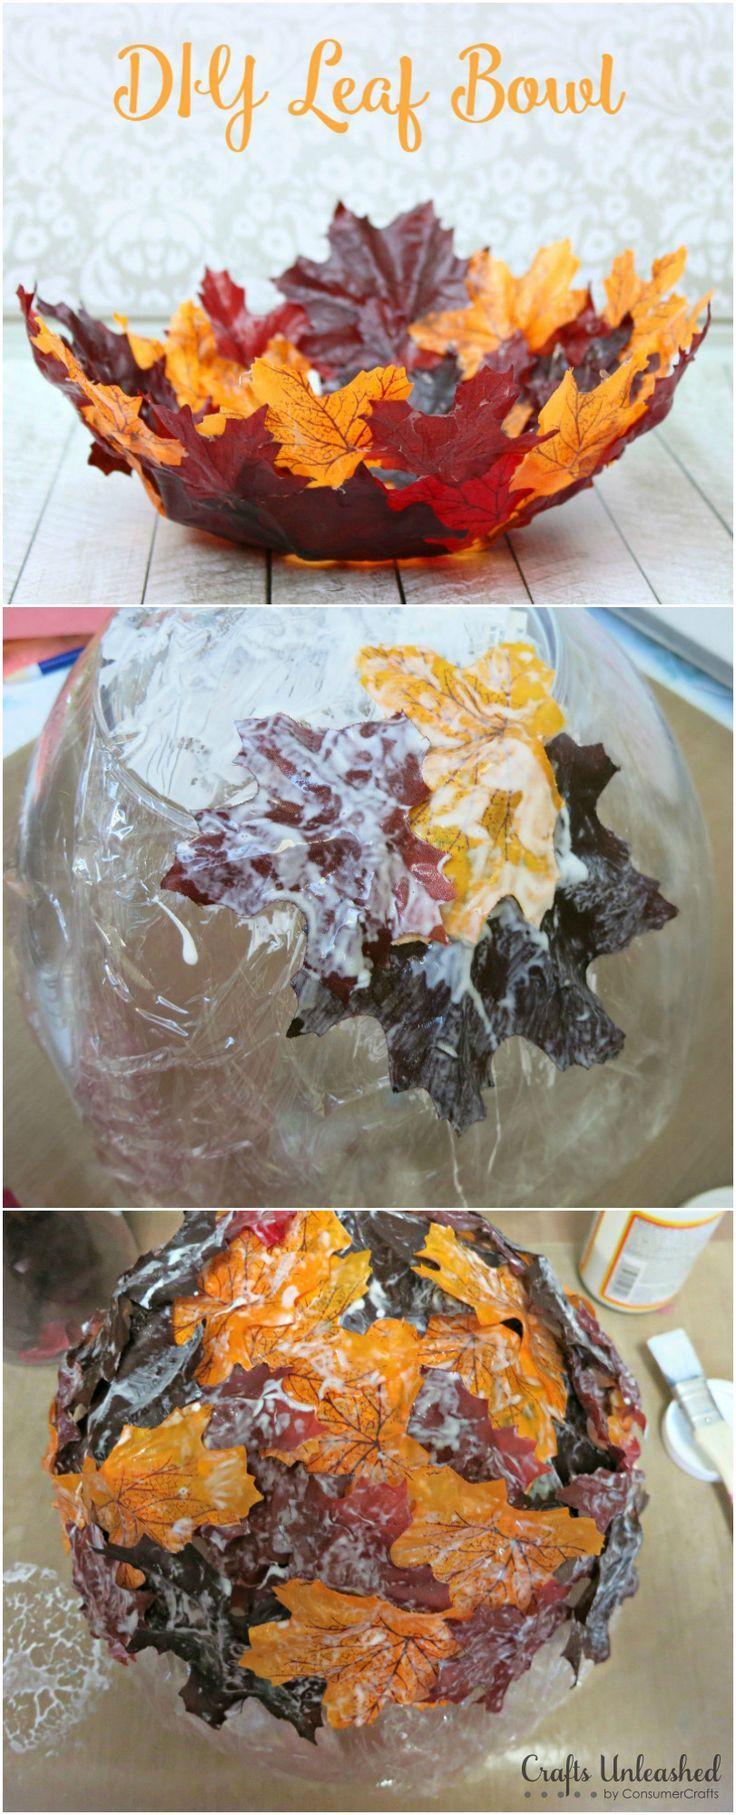 DIY Decorative Leaf Bowl for Fall